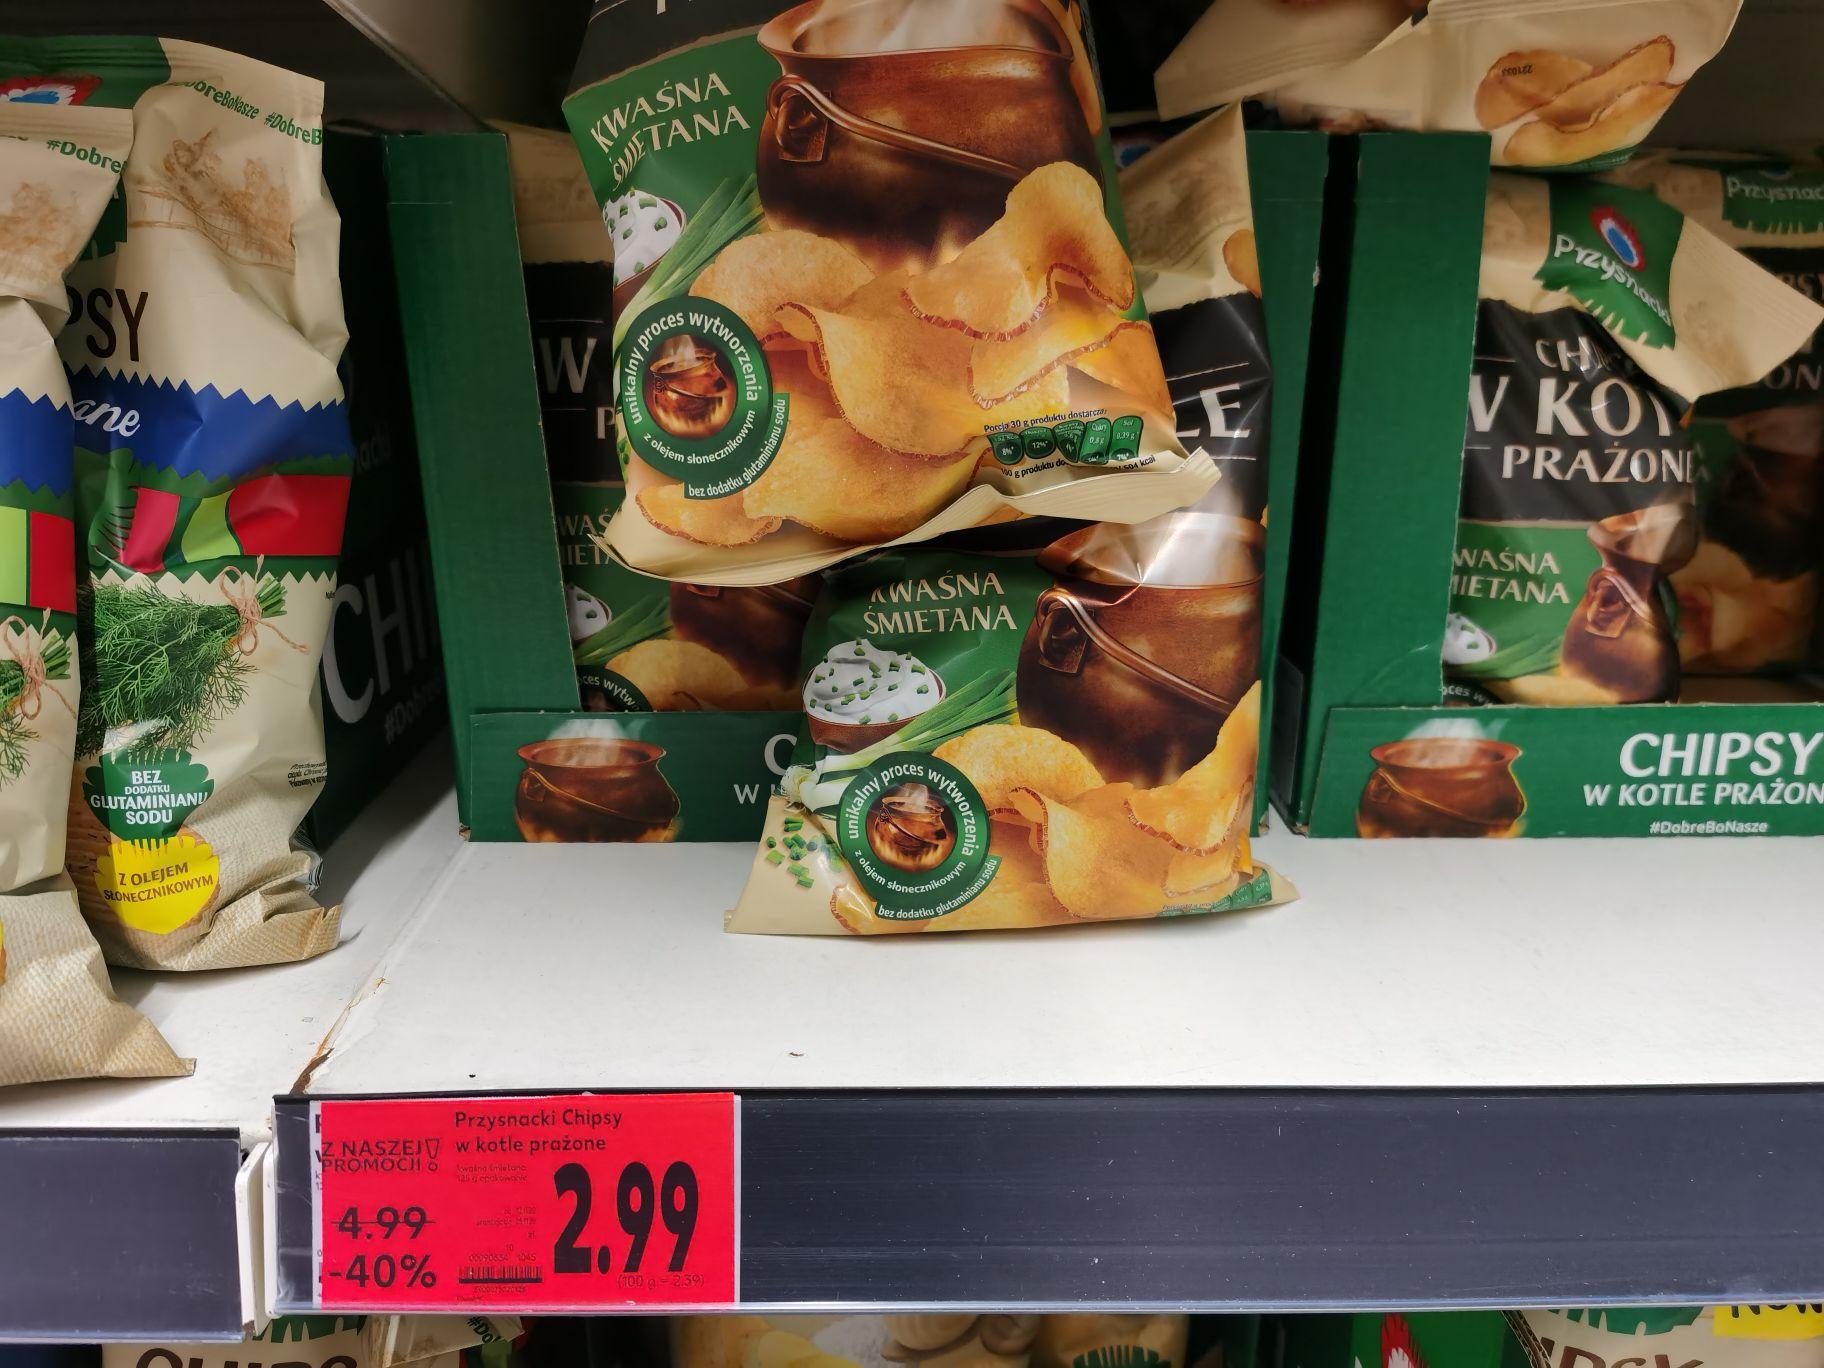 Chipsy w kotle prażone 125g - różne smaki, Kaufland